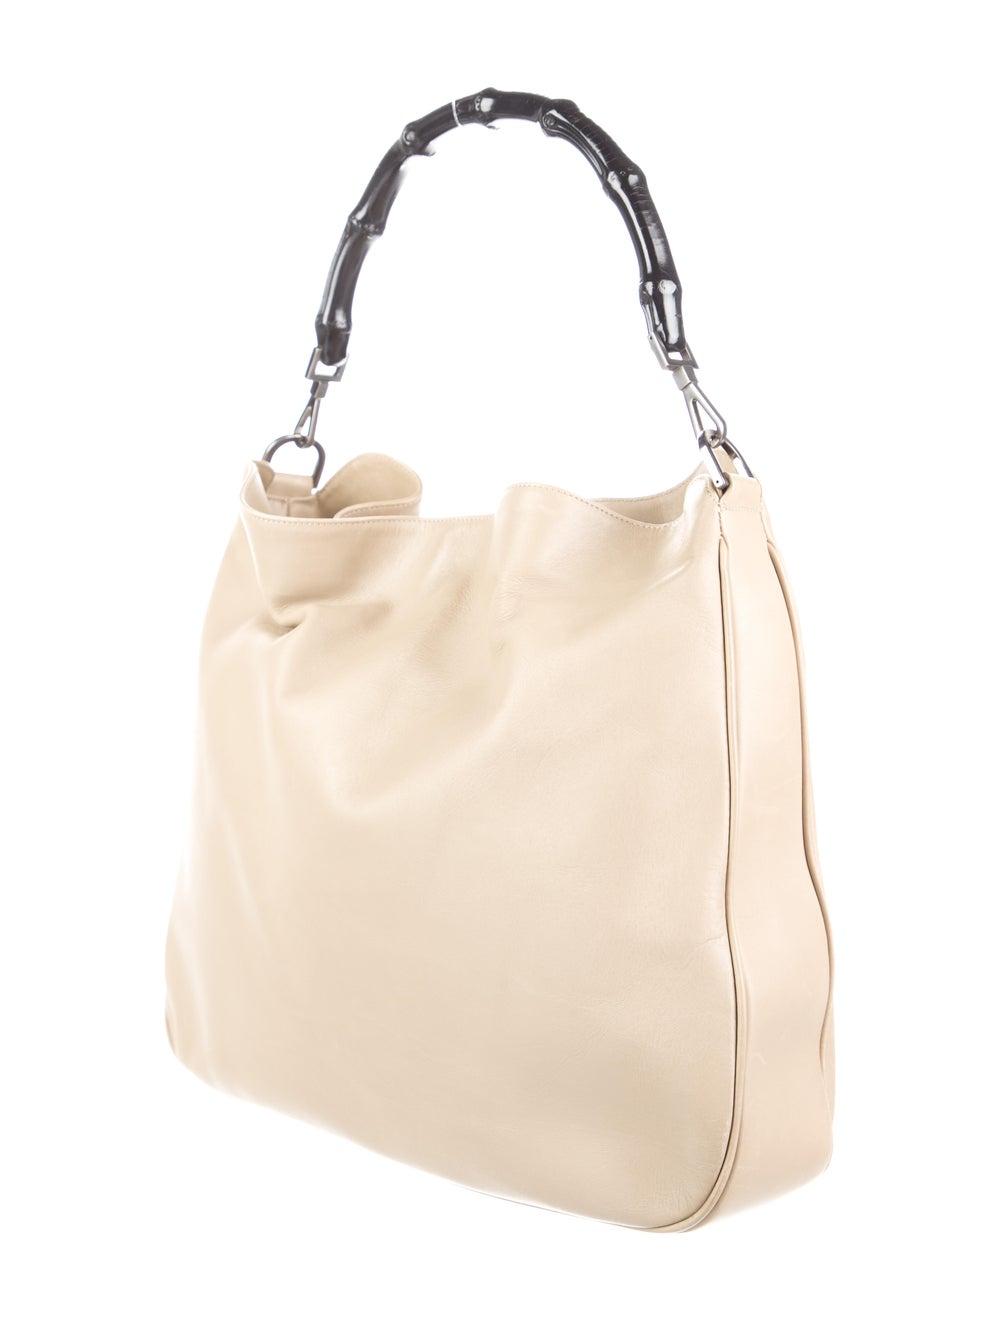 Gucci Medium Diana Bamboo Shoulder Bag Silver - image 3